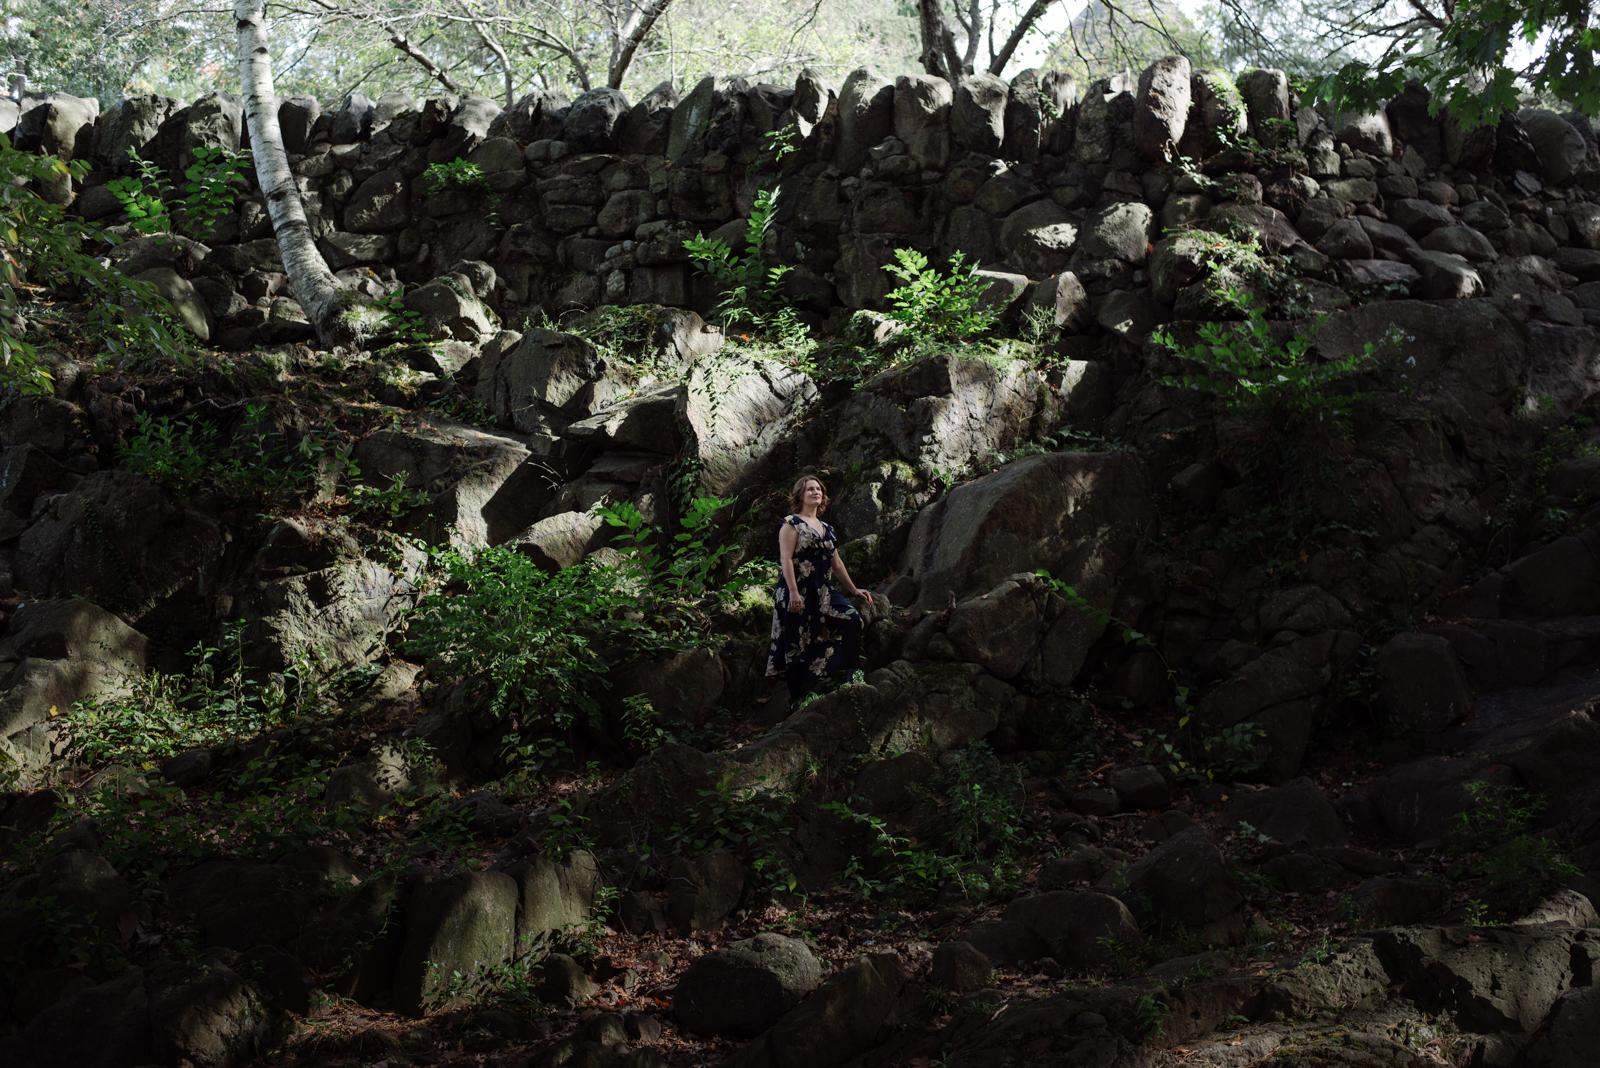 10142018-AbbyBowling-JuliaLuckettPhotography-39.jpg